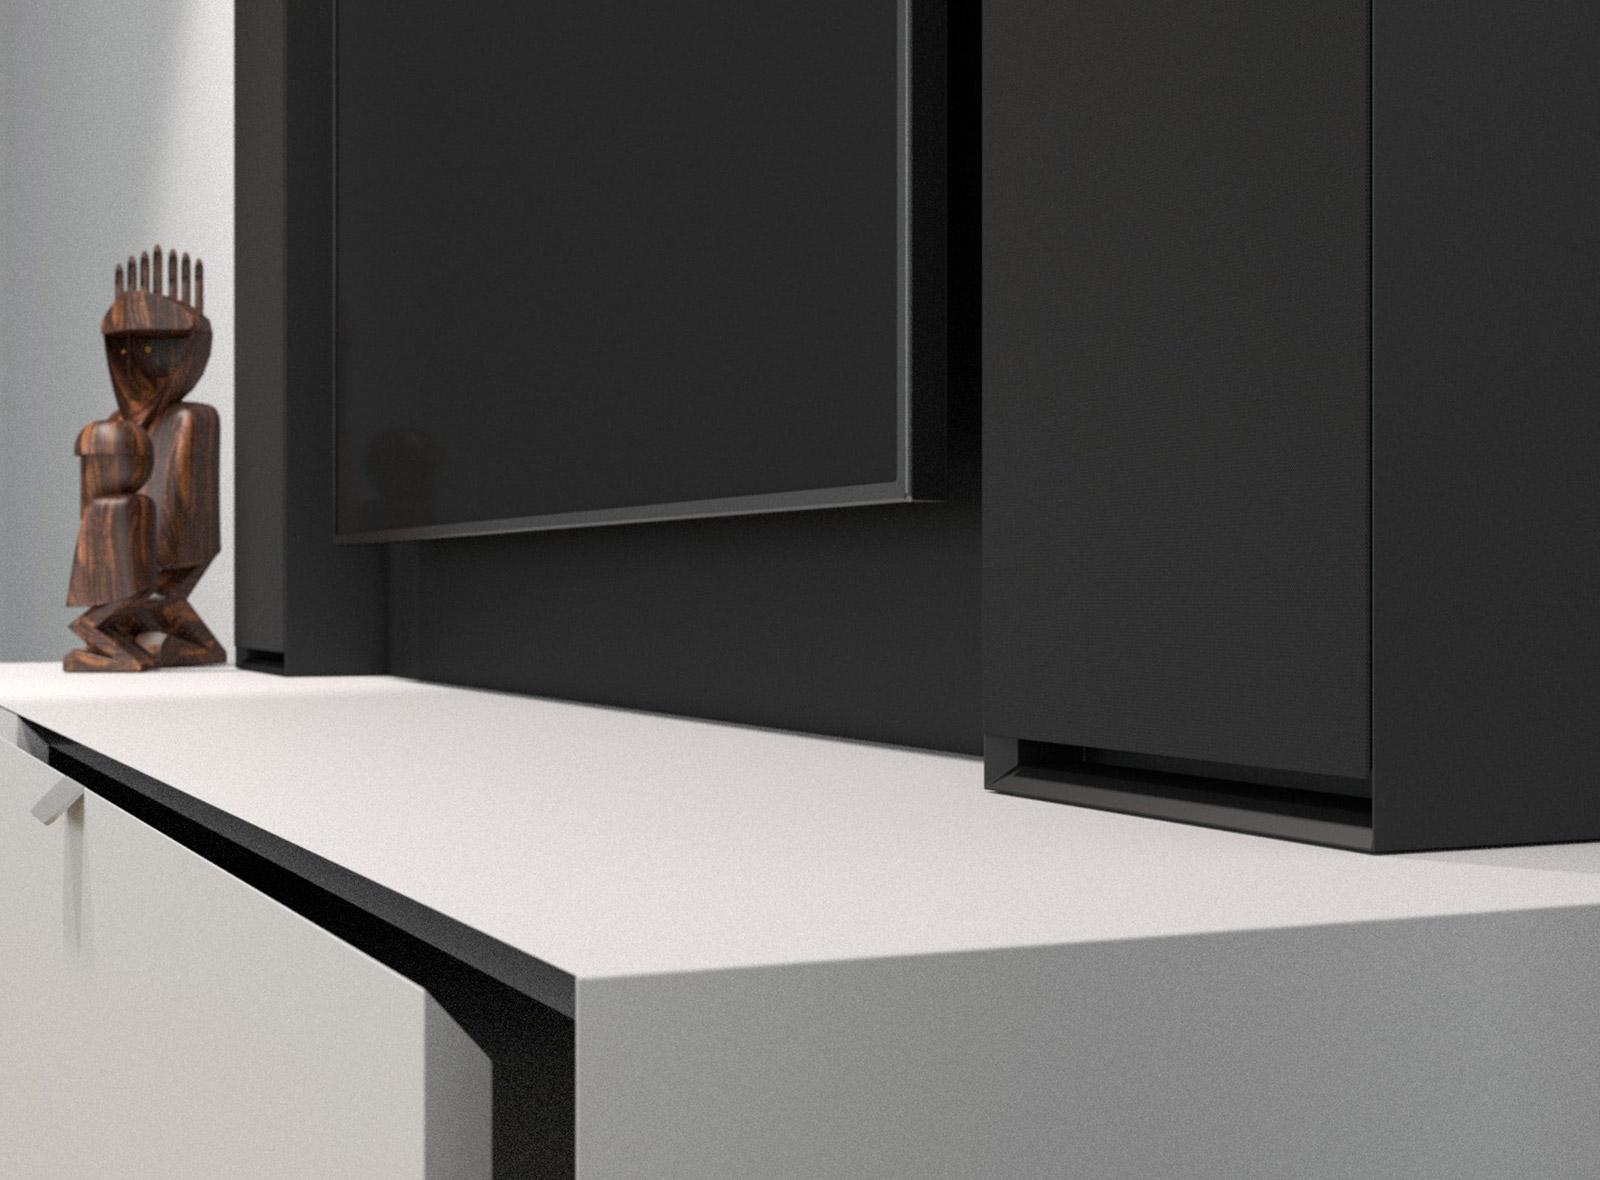 Möbel Swiss HD Longboard Ausschnitt Schublade von Dynavoy